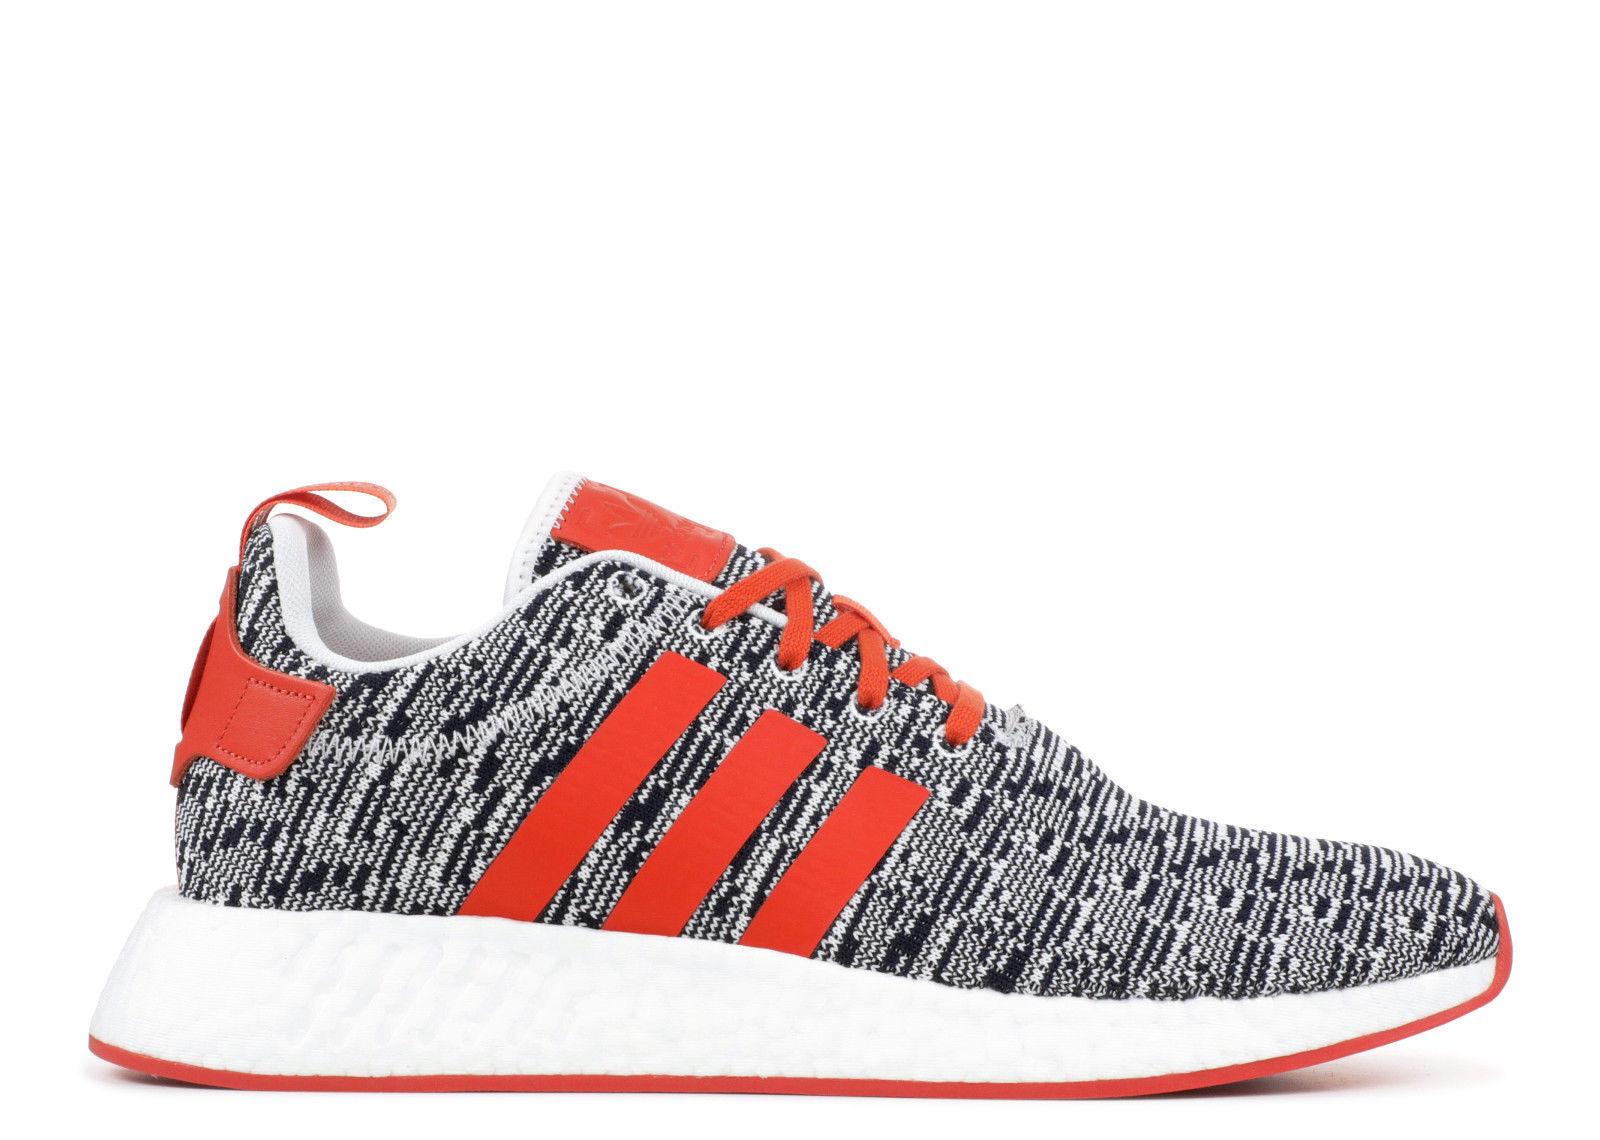 adidas originaux des hommes est est est la nmd r2 chaussure rouge / légende encre * nouveau!* a7037b